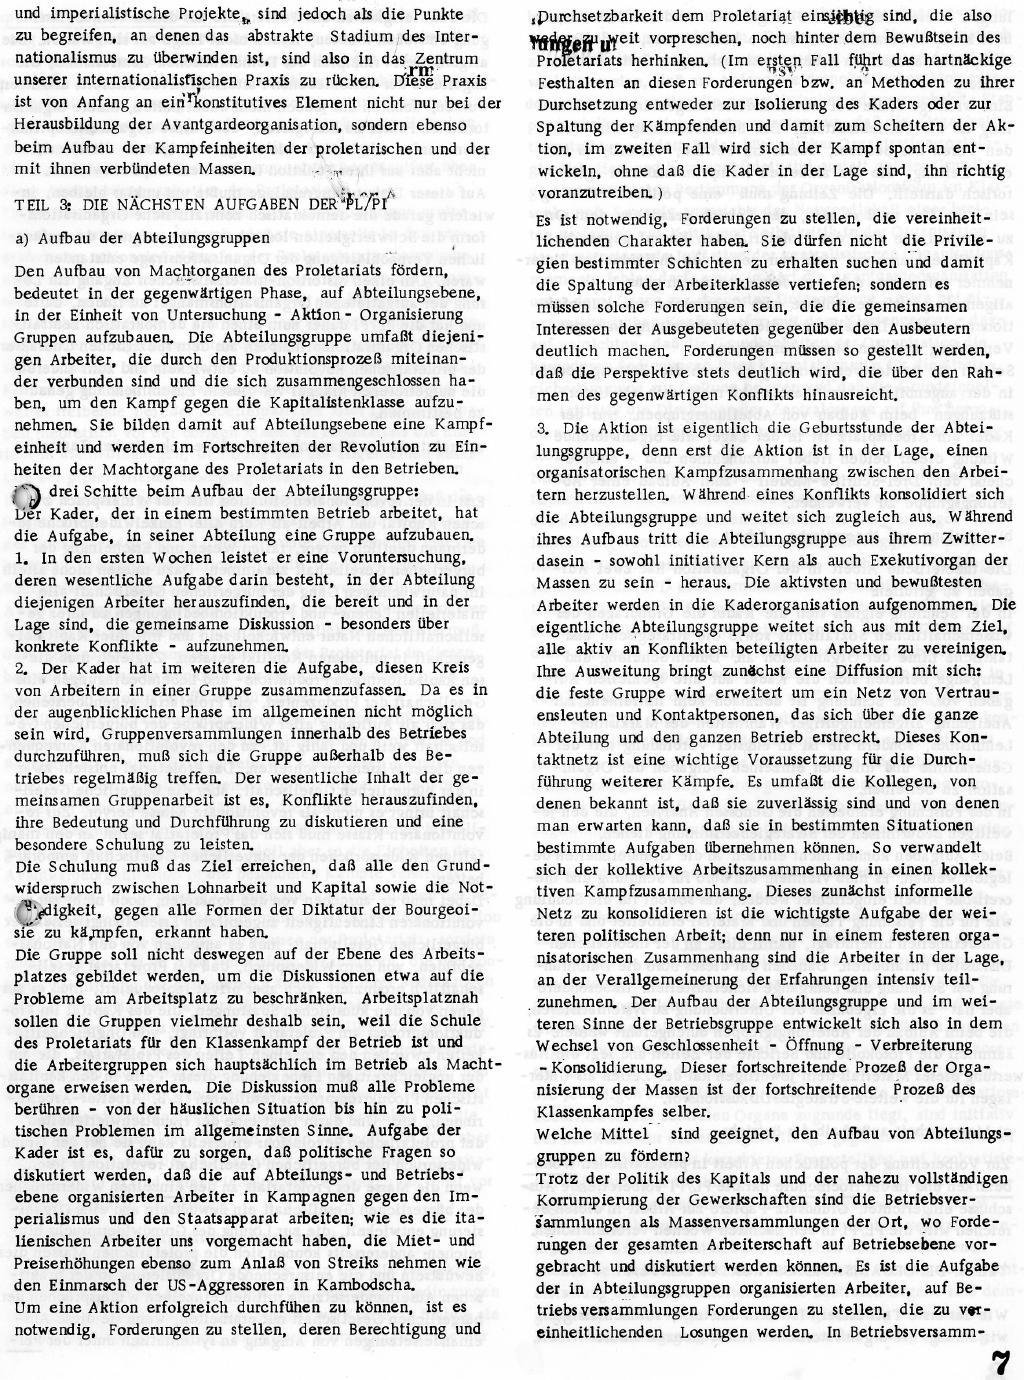 RPK_1970_074_075_07